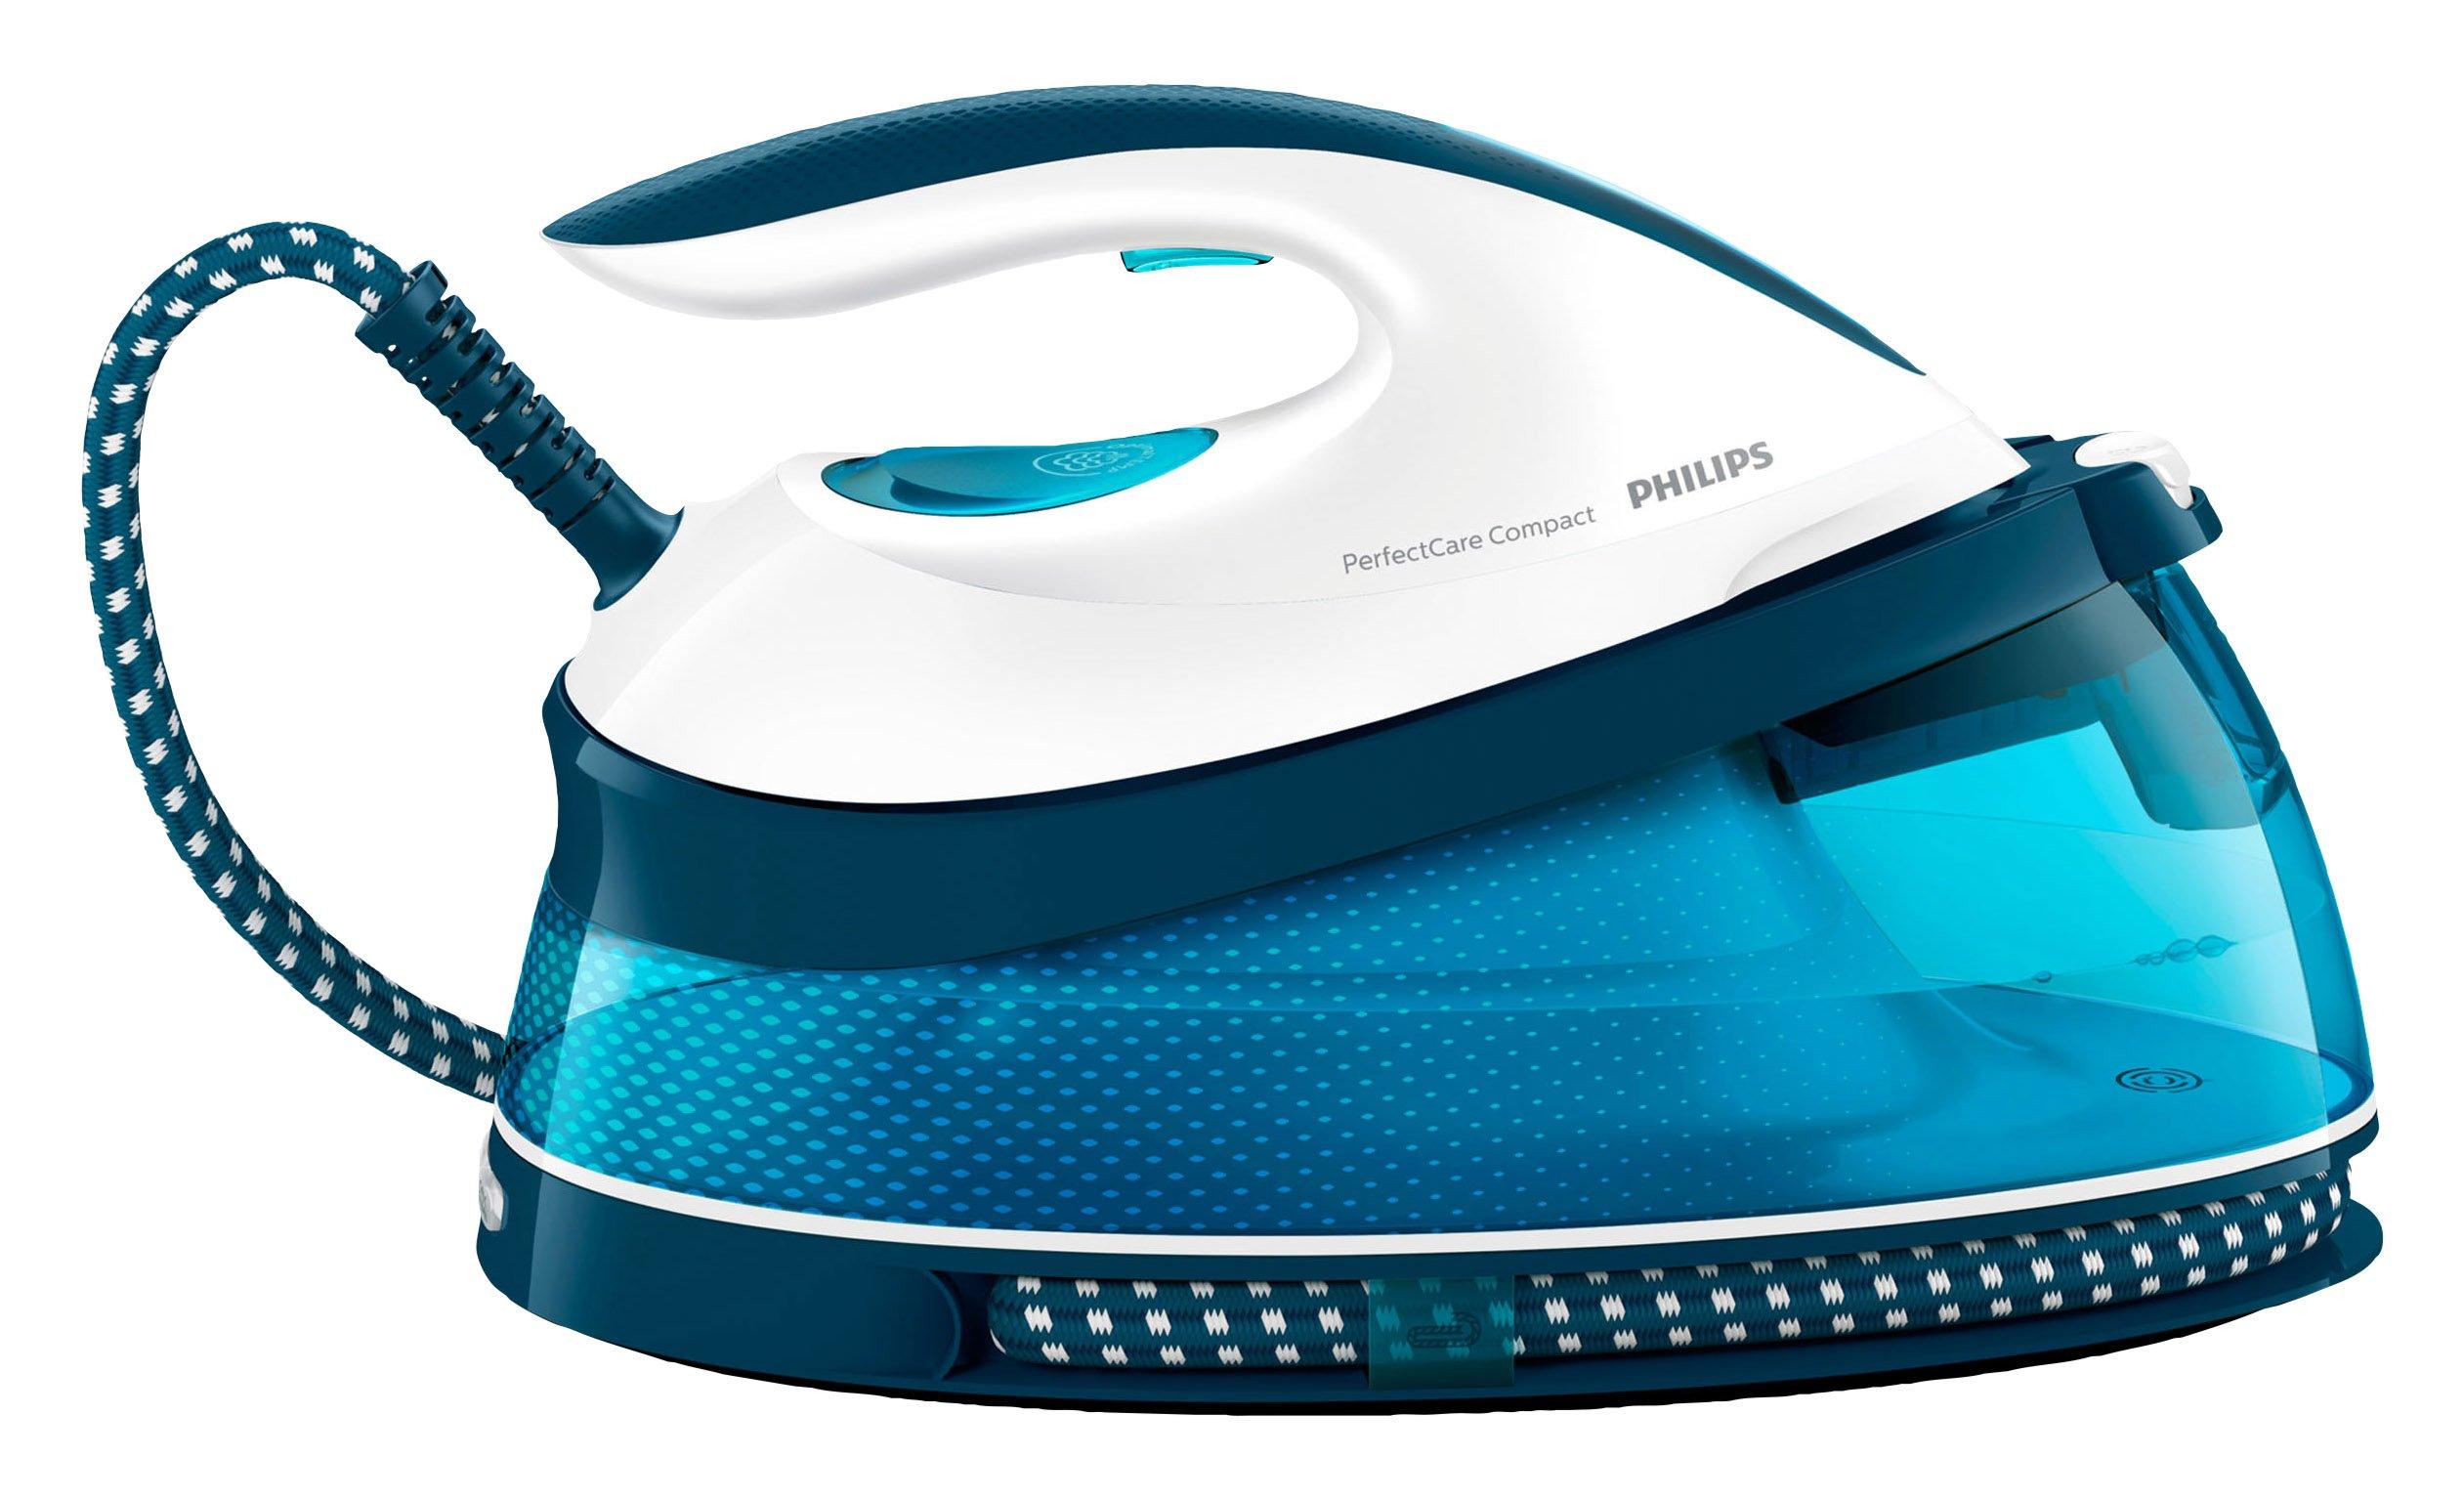 Philips GC7803/20 PerfectCare Compact Dampfbügelstation (2400W, 1,5L) keine Ersatzkartuschen, keine zusätzlichen Kosten